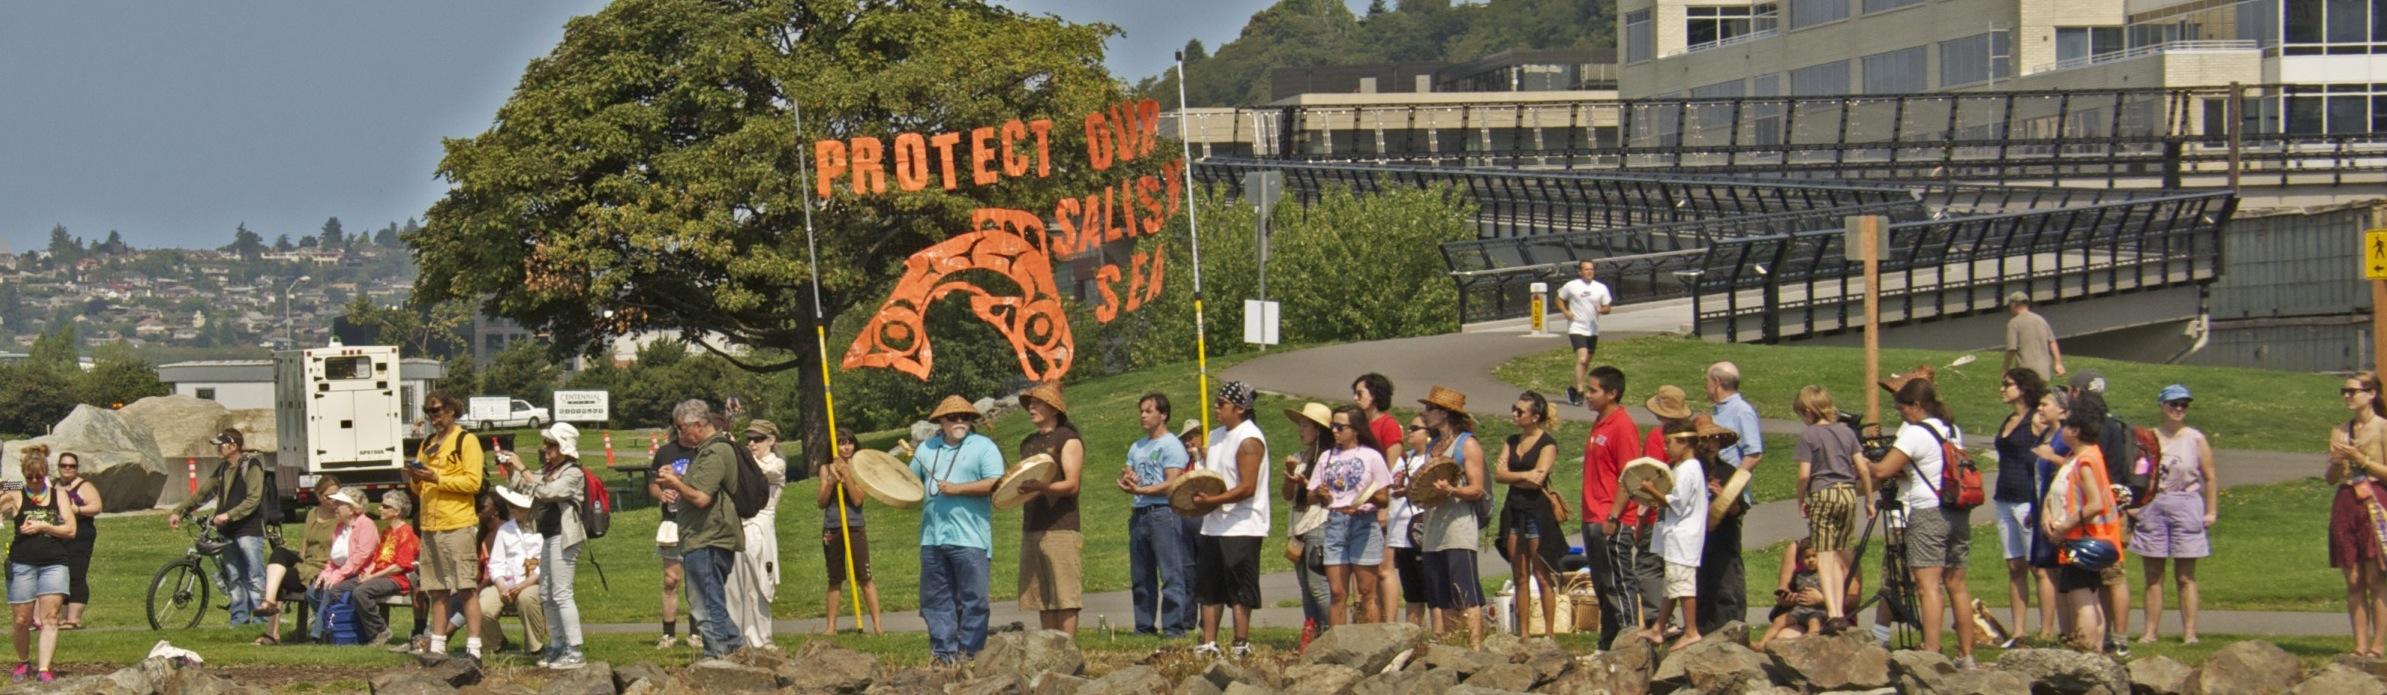 Protect_Our_Salish_Sea.jpg